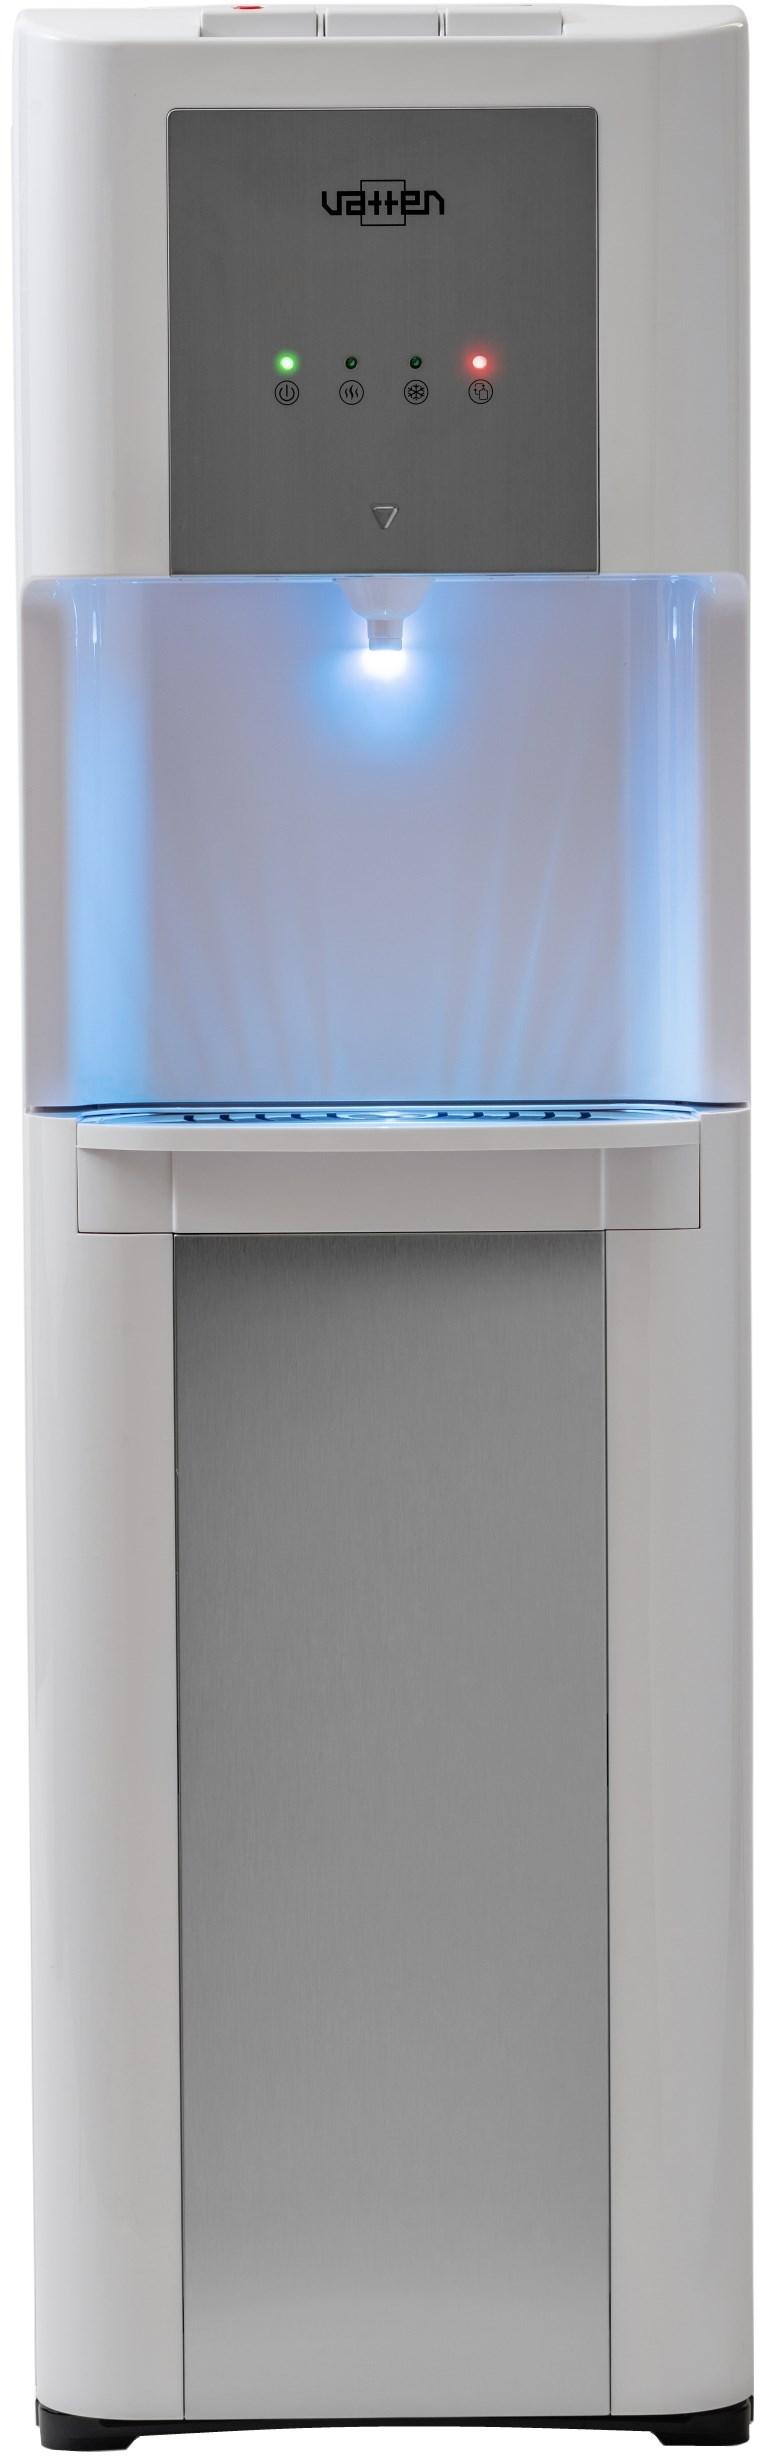 Кулер для воды VATTEN L48WK